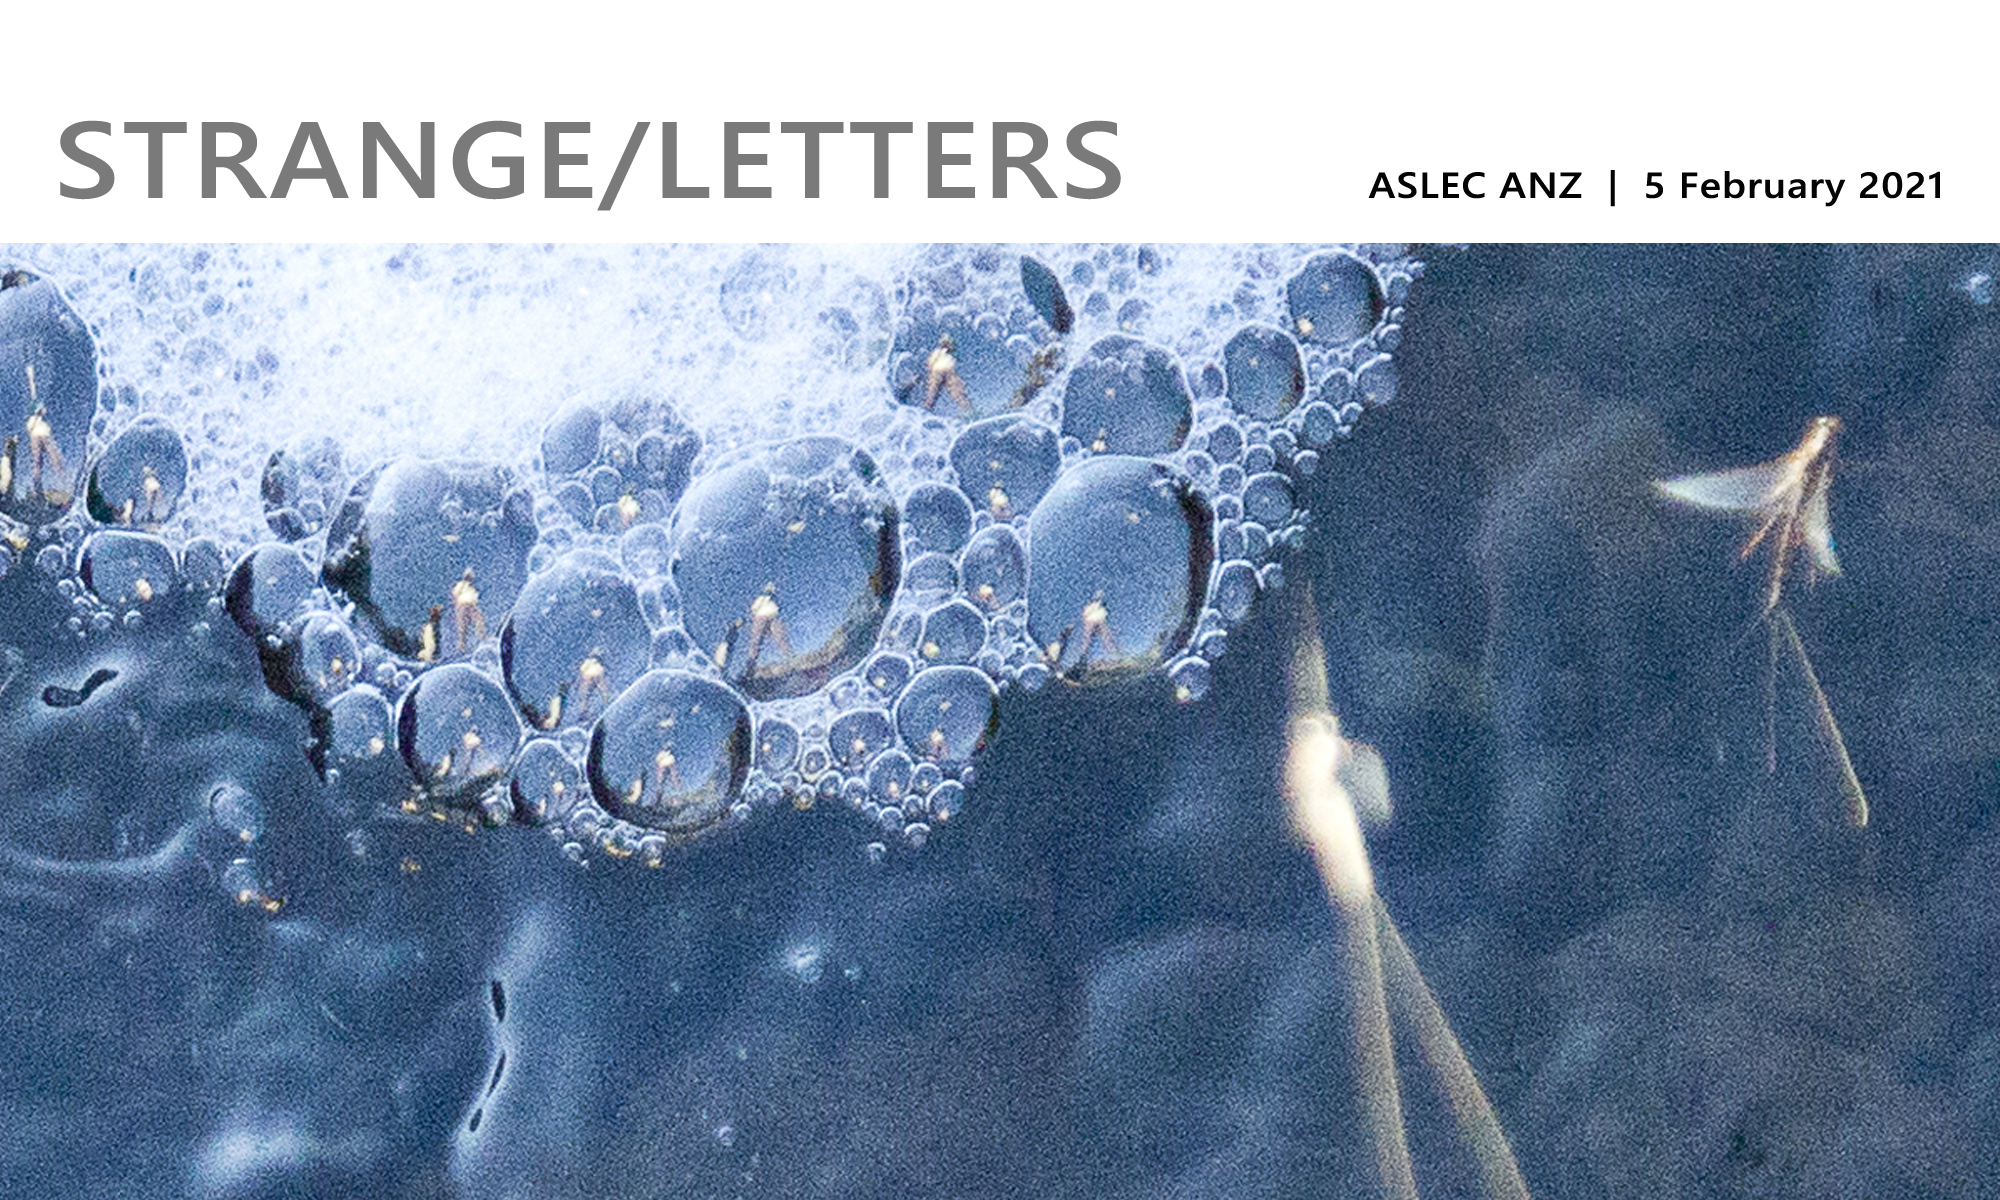 strange letters header